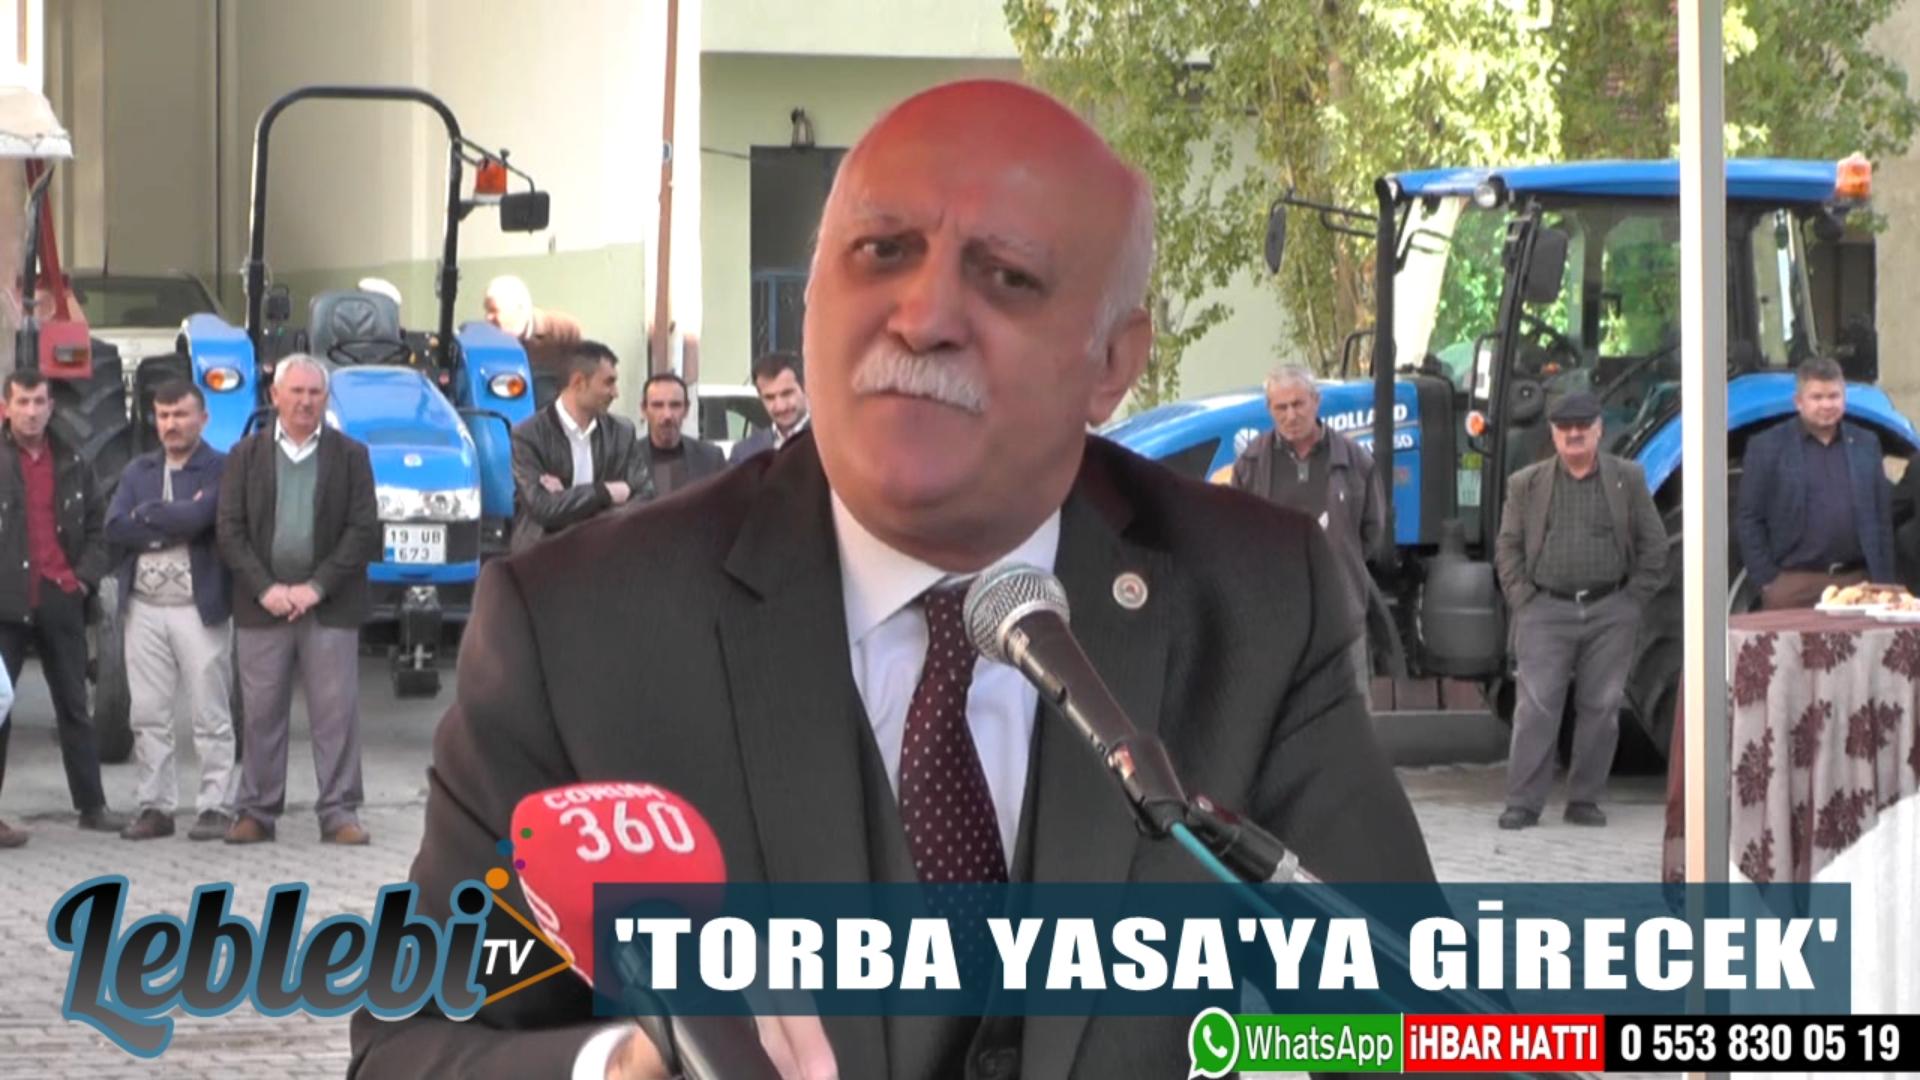 'TORBA YASA'YA GİRECEK'